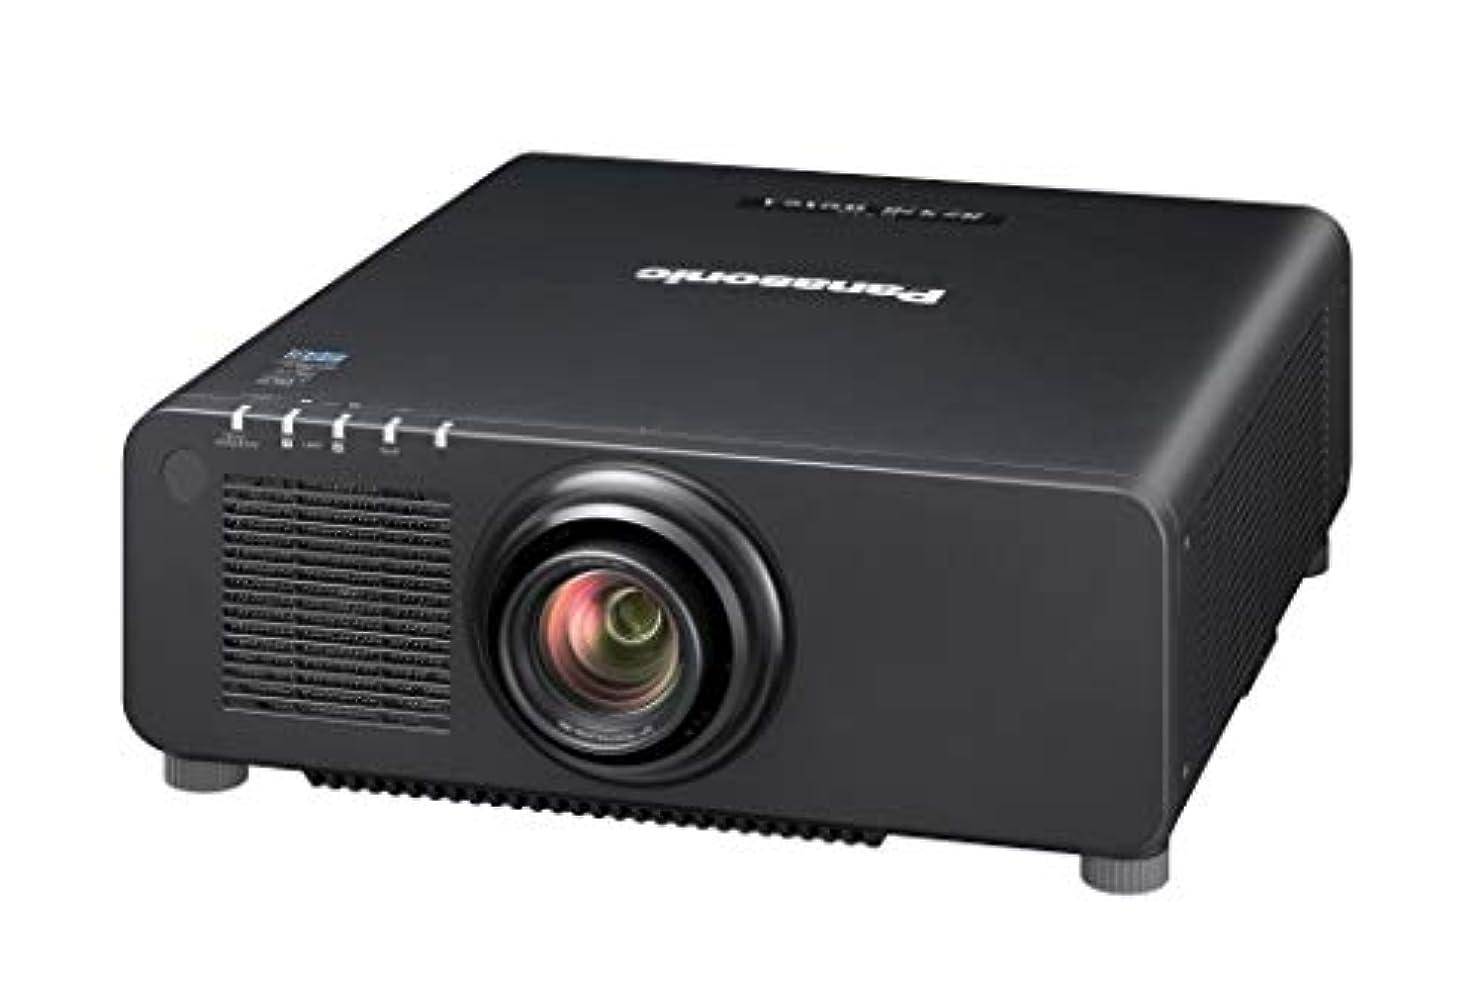 を除くシャーロットブロンテ教室Panasonic PT-RZ870BEJ data projector 8800 ANSI lumens DLP WUXGA (1920x1200) Desktop projector Black